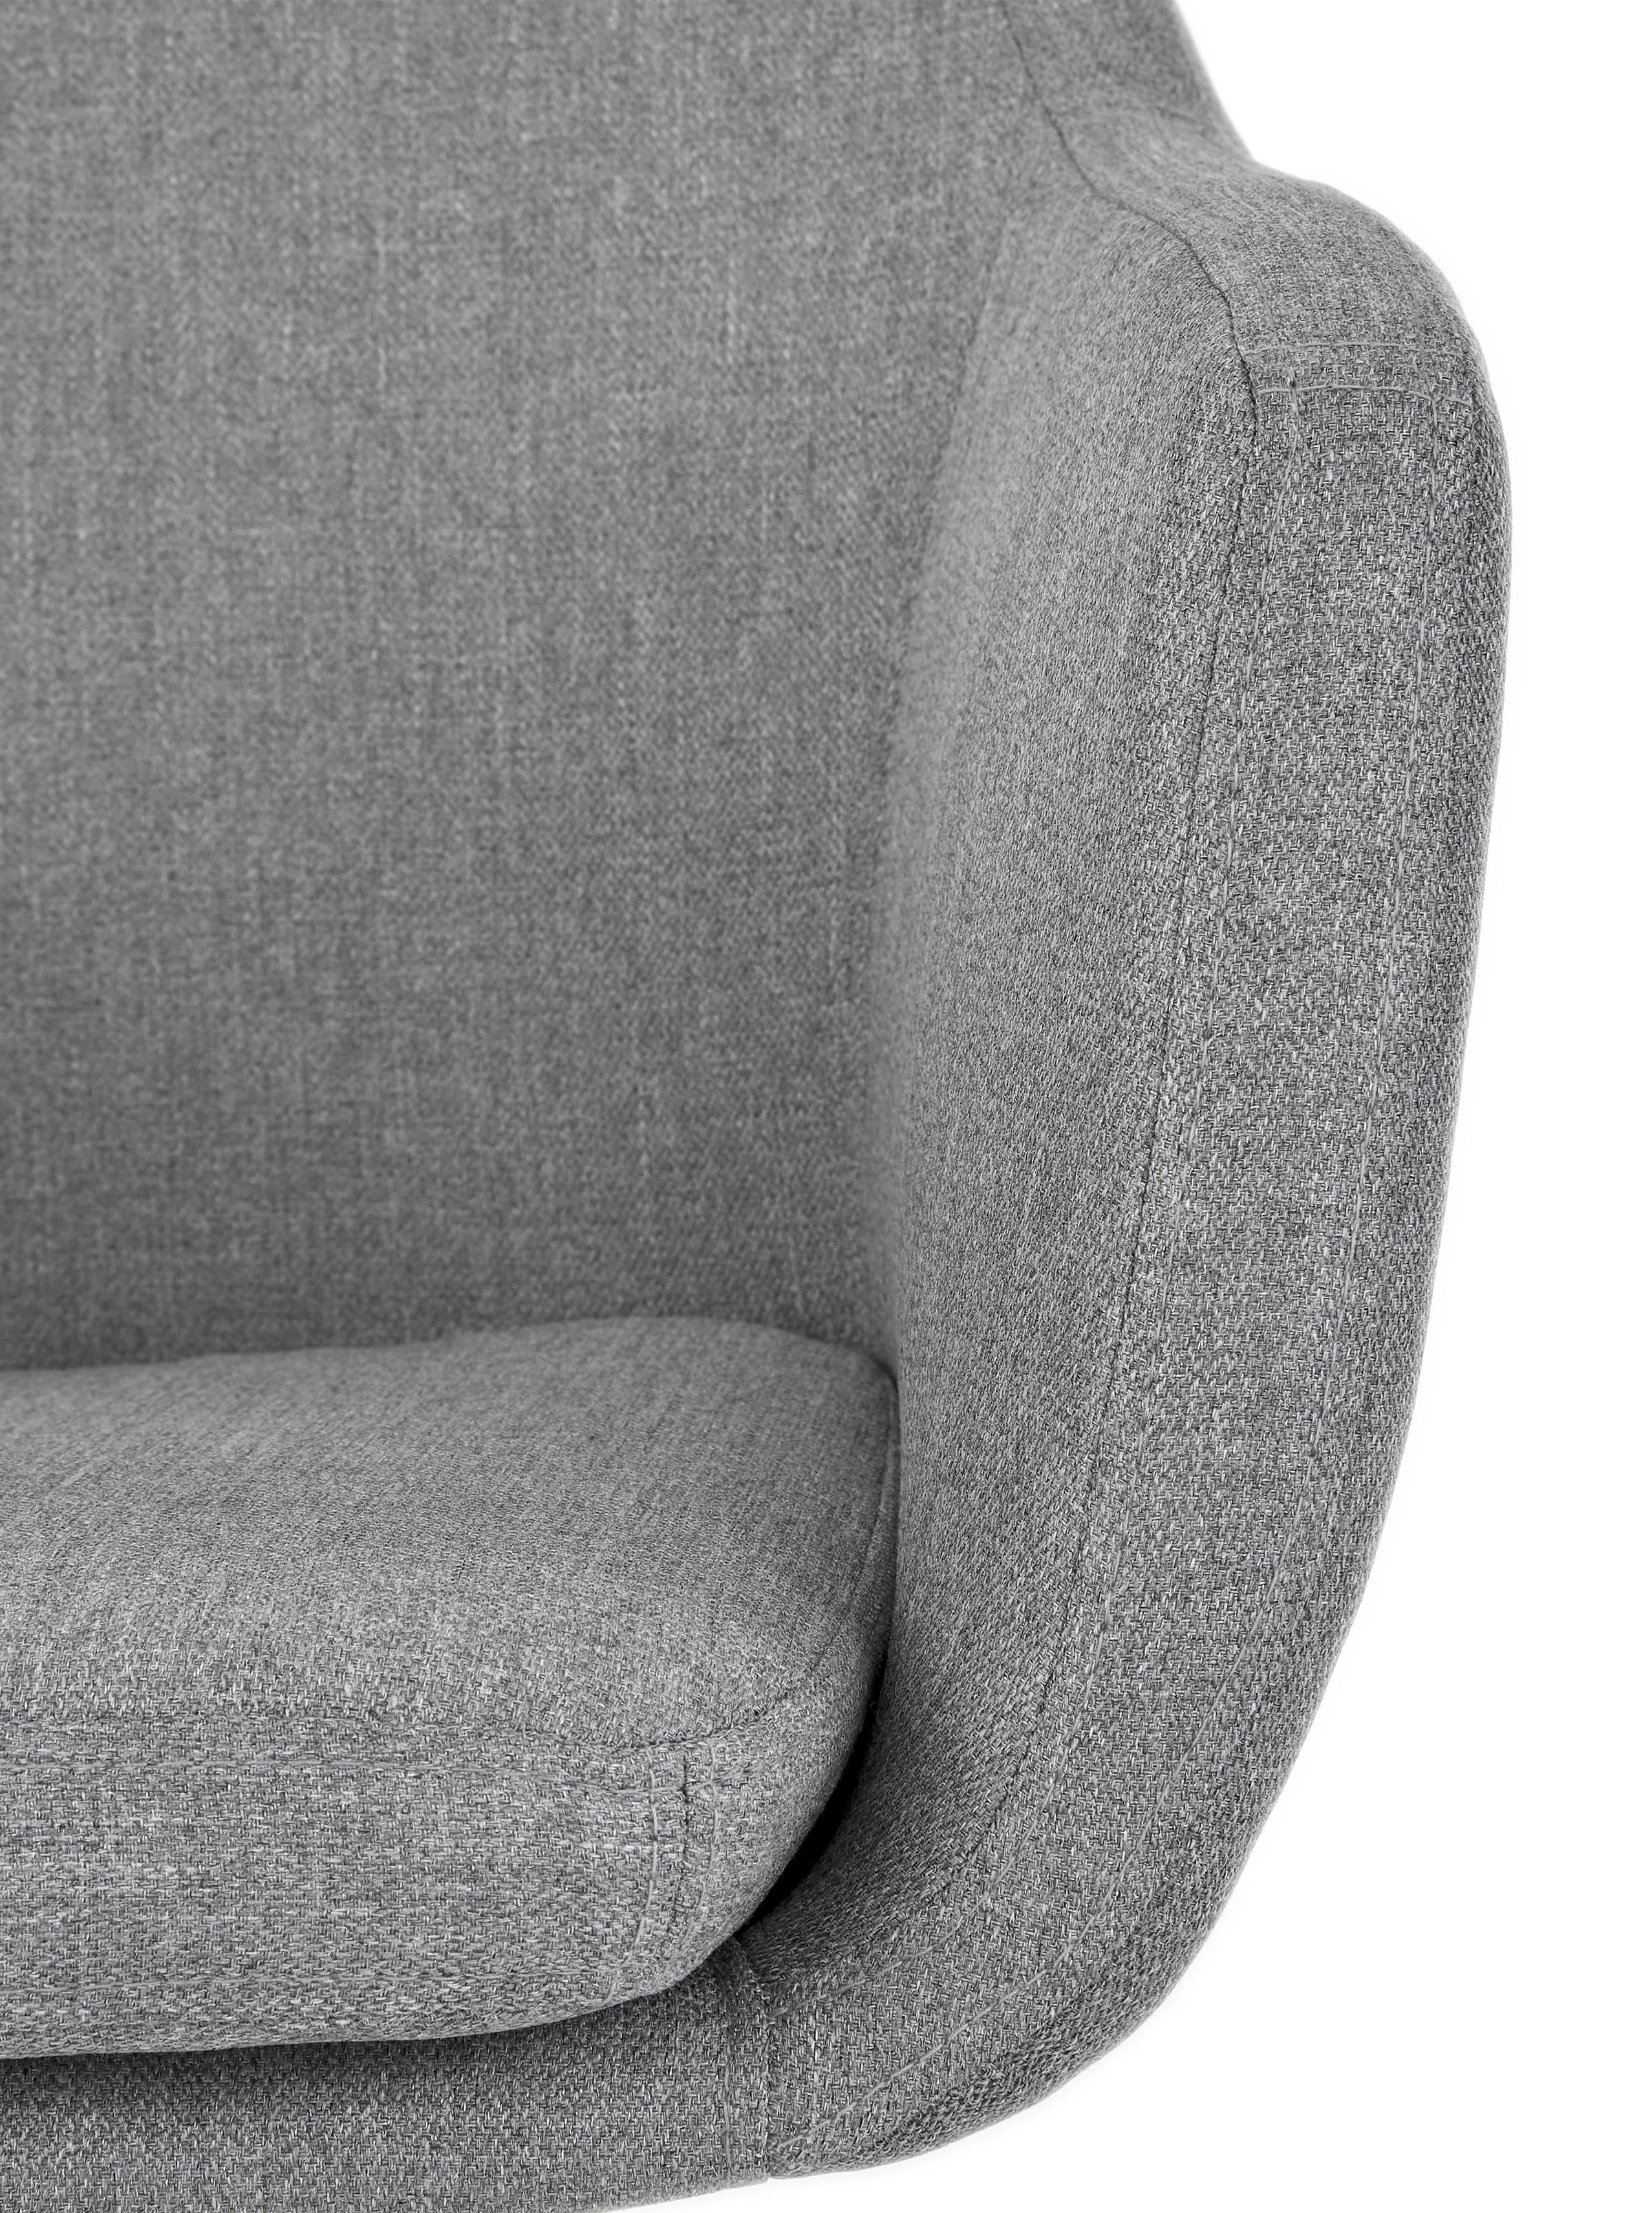 Polster-Drehstuhl Nora mit Armlehne, Bezug: Polyester, Gestell: Metall, pulverbeschichtet, Webstoff Hellgrau, Beine Schwarz, B 58 x T 57 cm